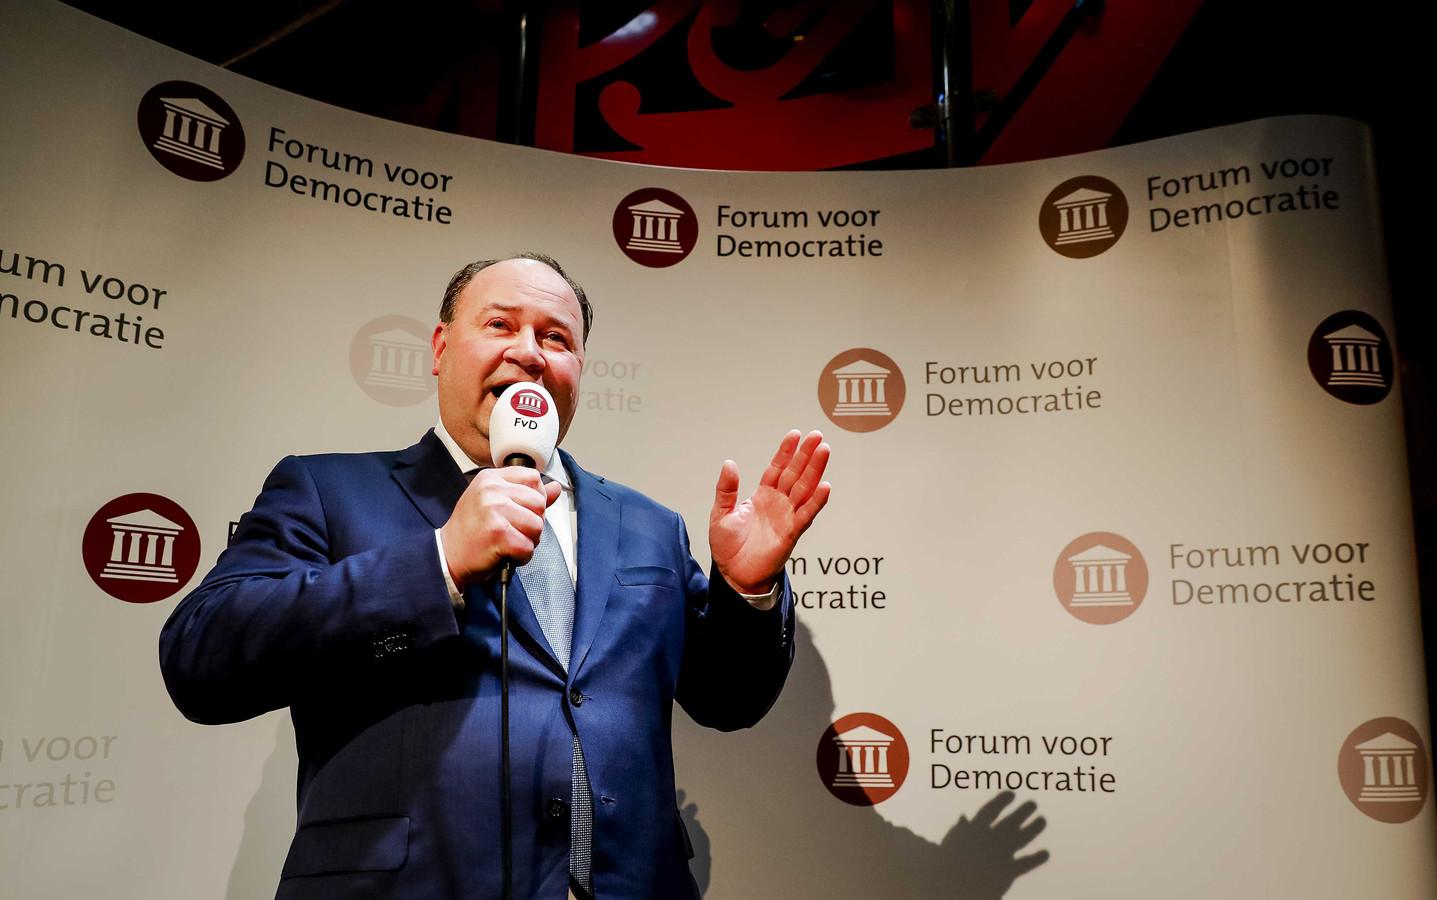 Archiefbeeld: Henk Otten van Forum voor Democratie (FvD) tijdens de uitslagenavond van de Provinciale Statenverkiezingen en de waterschapsverkiezingen.